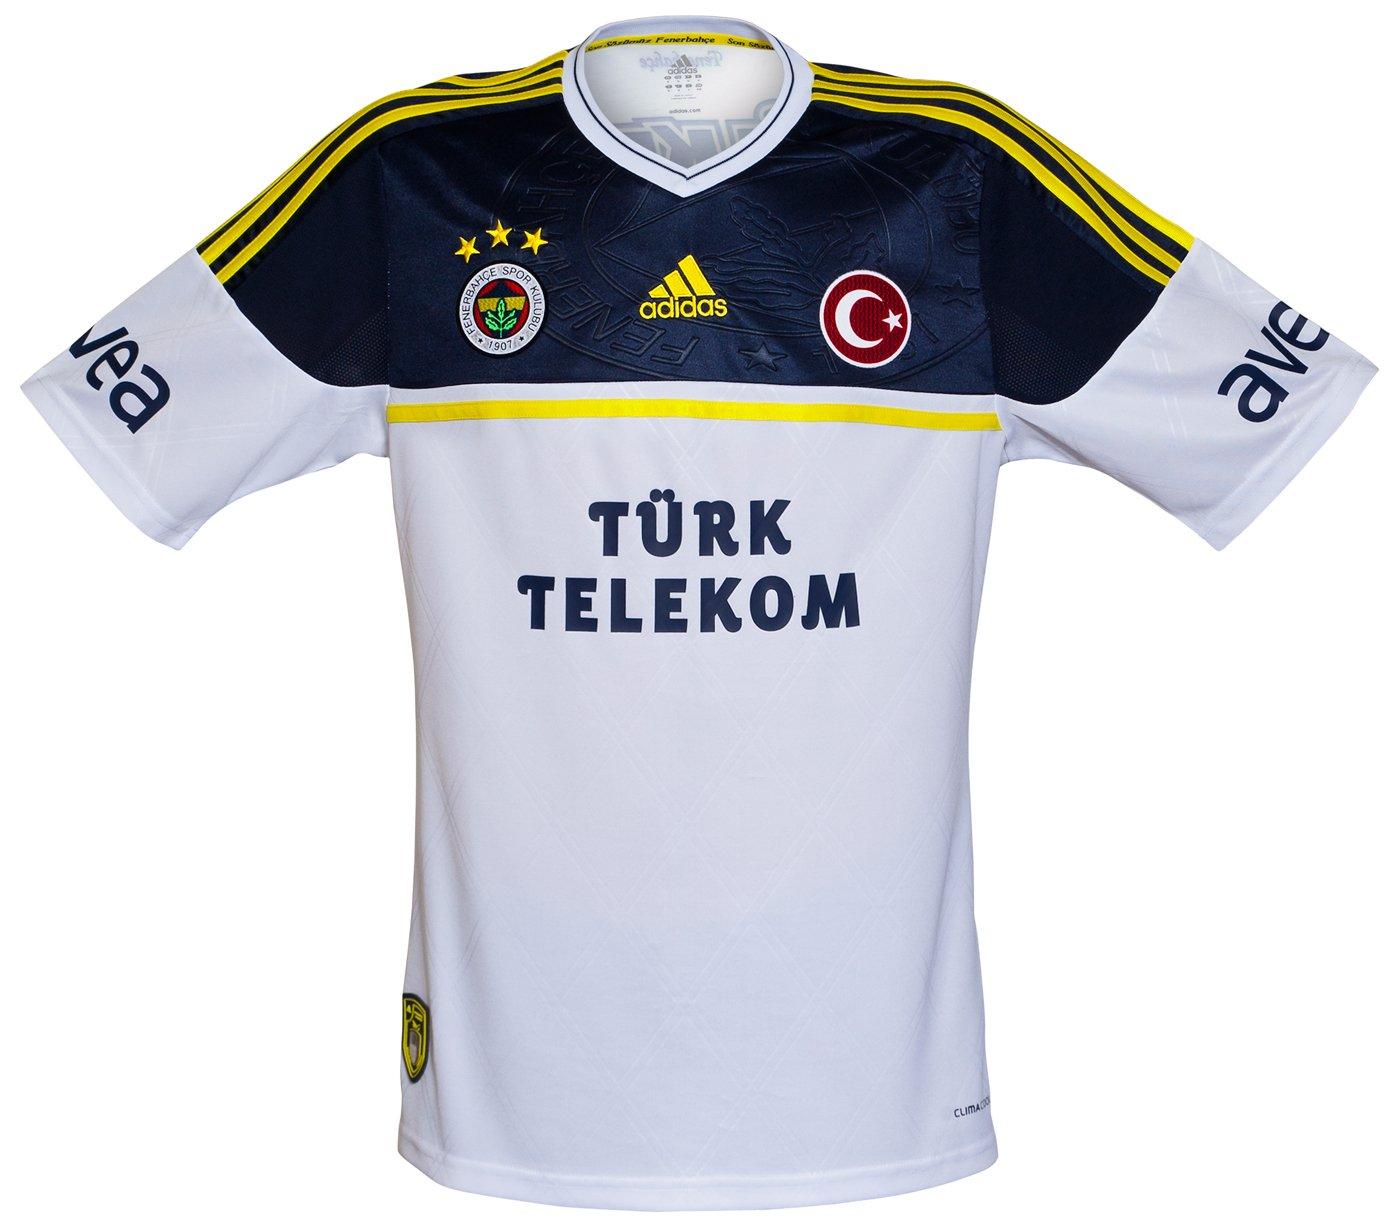 8f3e35be7 Adidas apresenta os novos uniformes do Fenerbahce - Show de Camisas